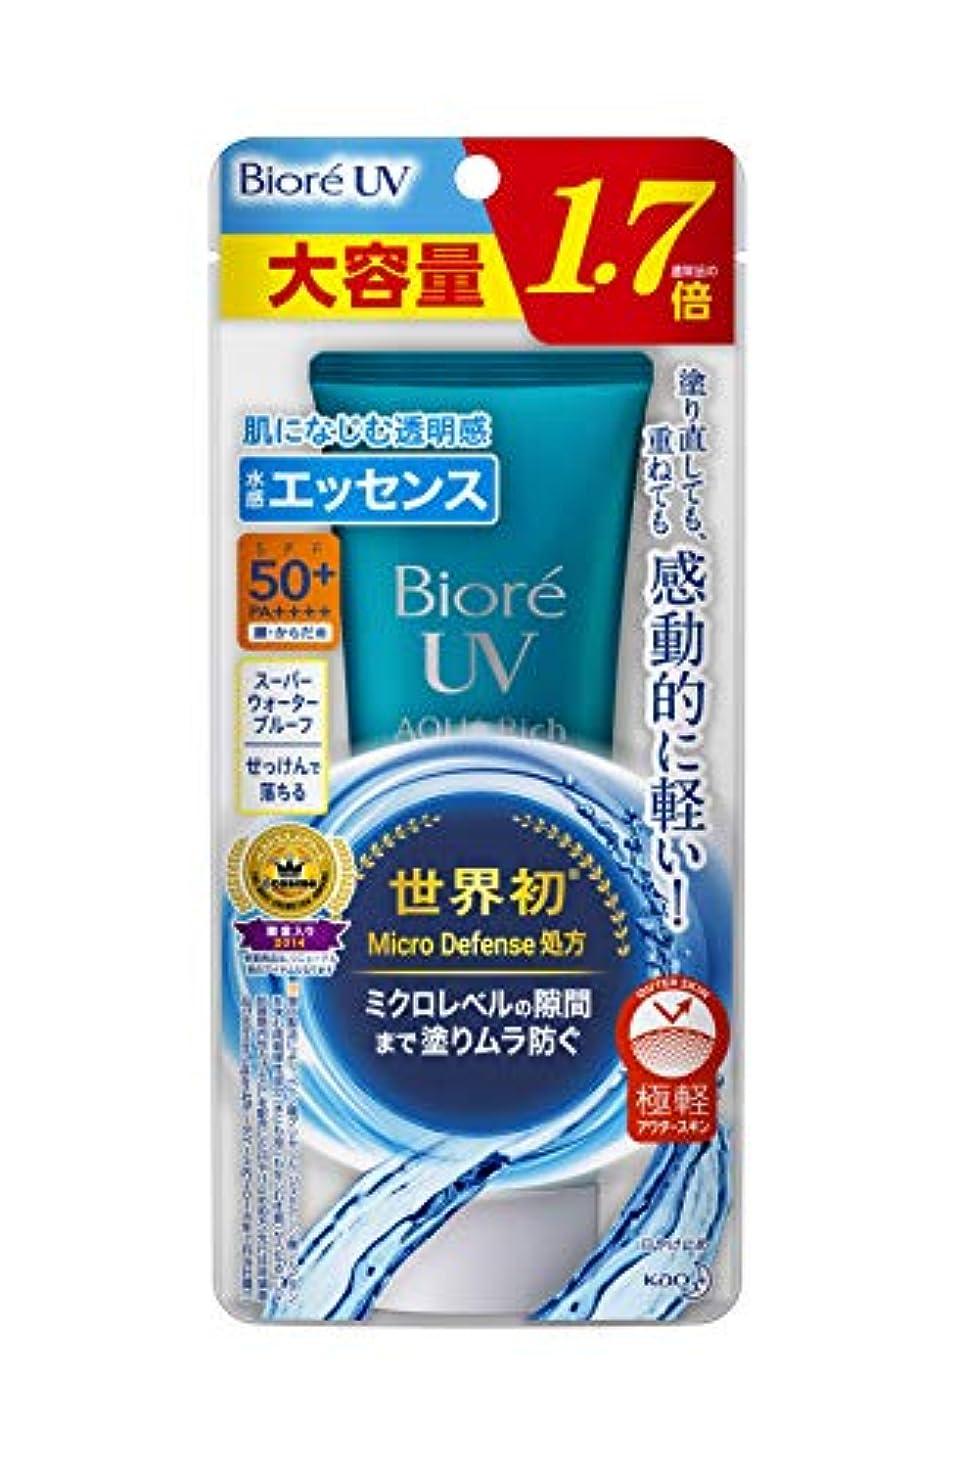 毒正しくファイター【大容量】 ビオレUV アクアリッチ ウォータリエッセンス 85g (通常品の1.7倍) 日焼け止め SPF50+/PA++++